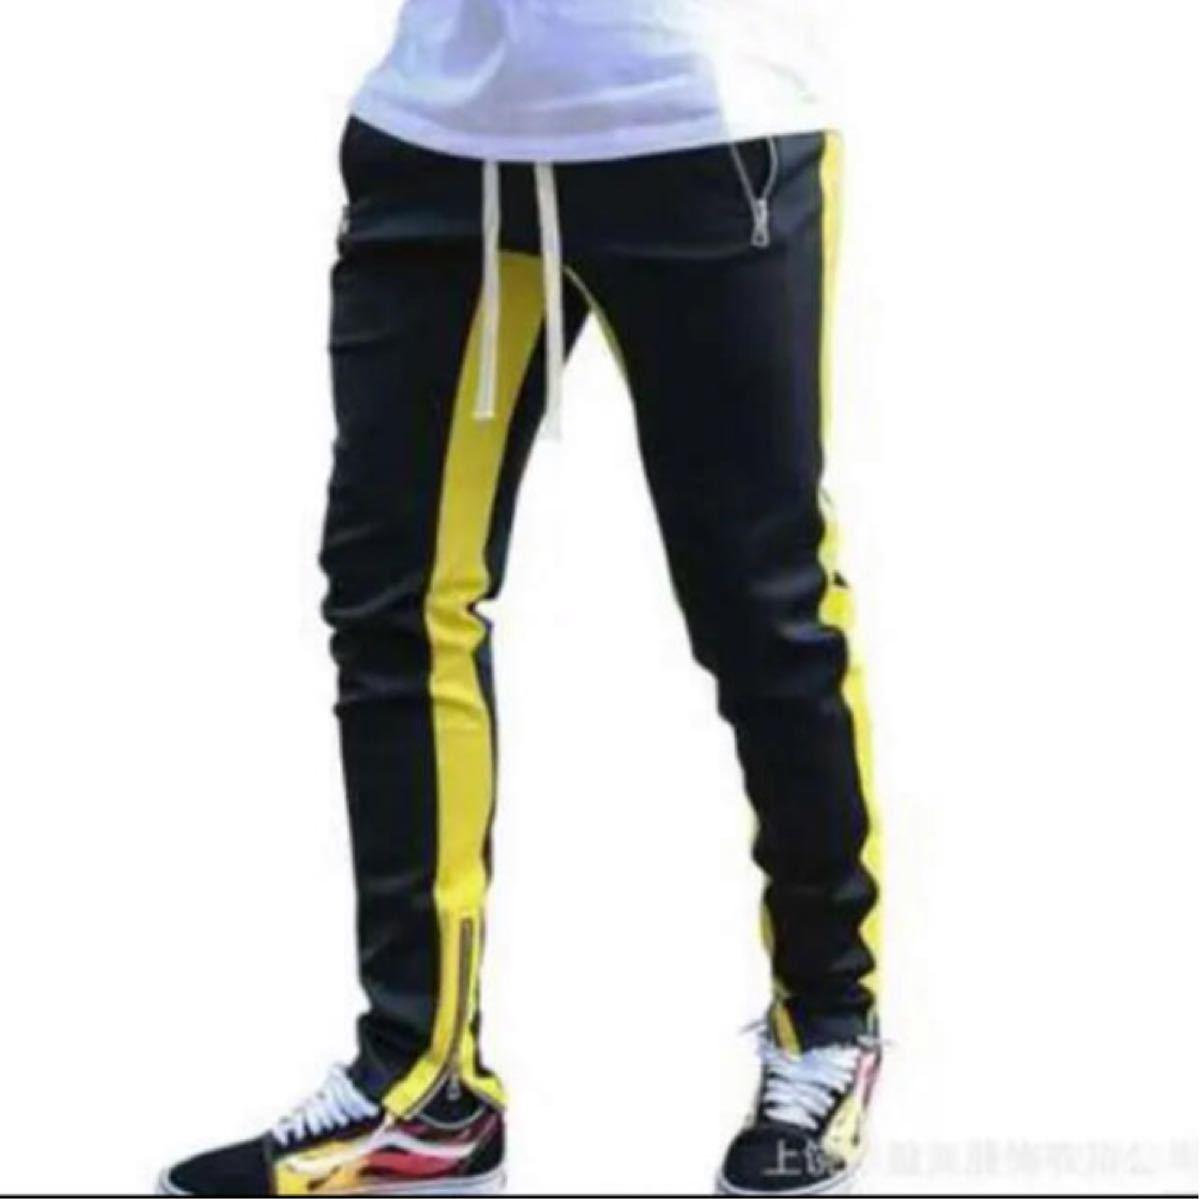 ラインパンツ ジョガーパンツ メンズ スウェット 黒 ブラック 黄 イエローL  NIKE  スウェットパンツ